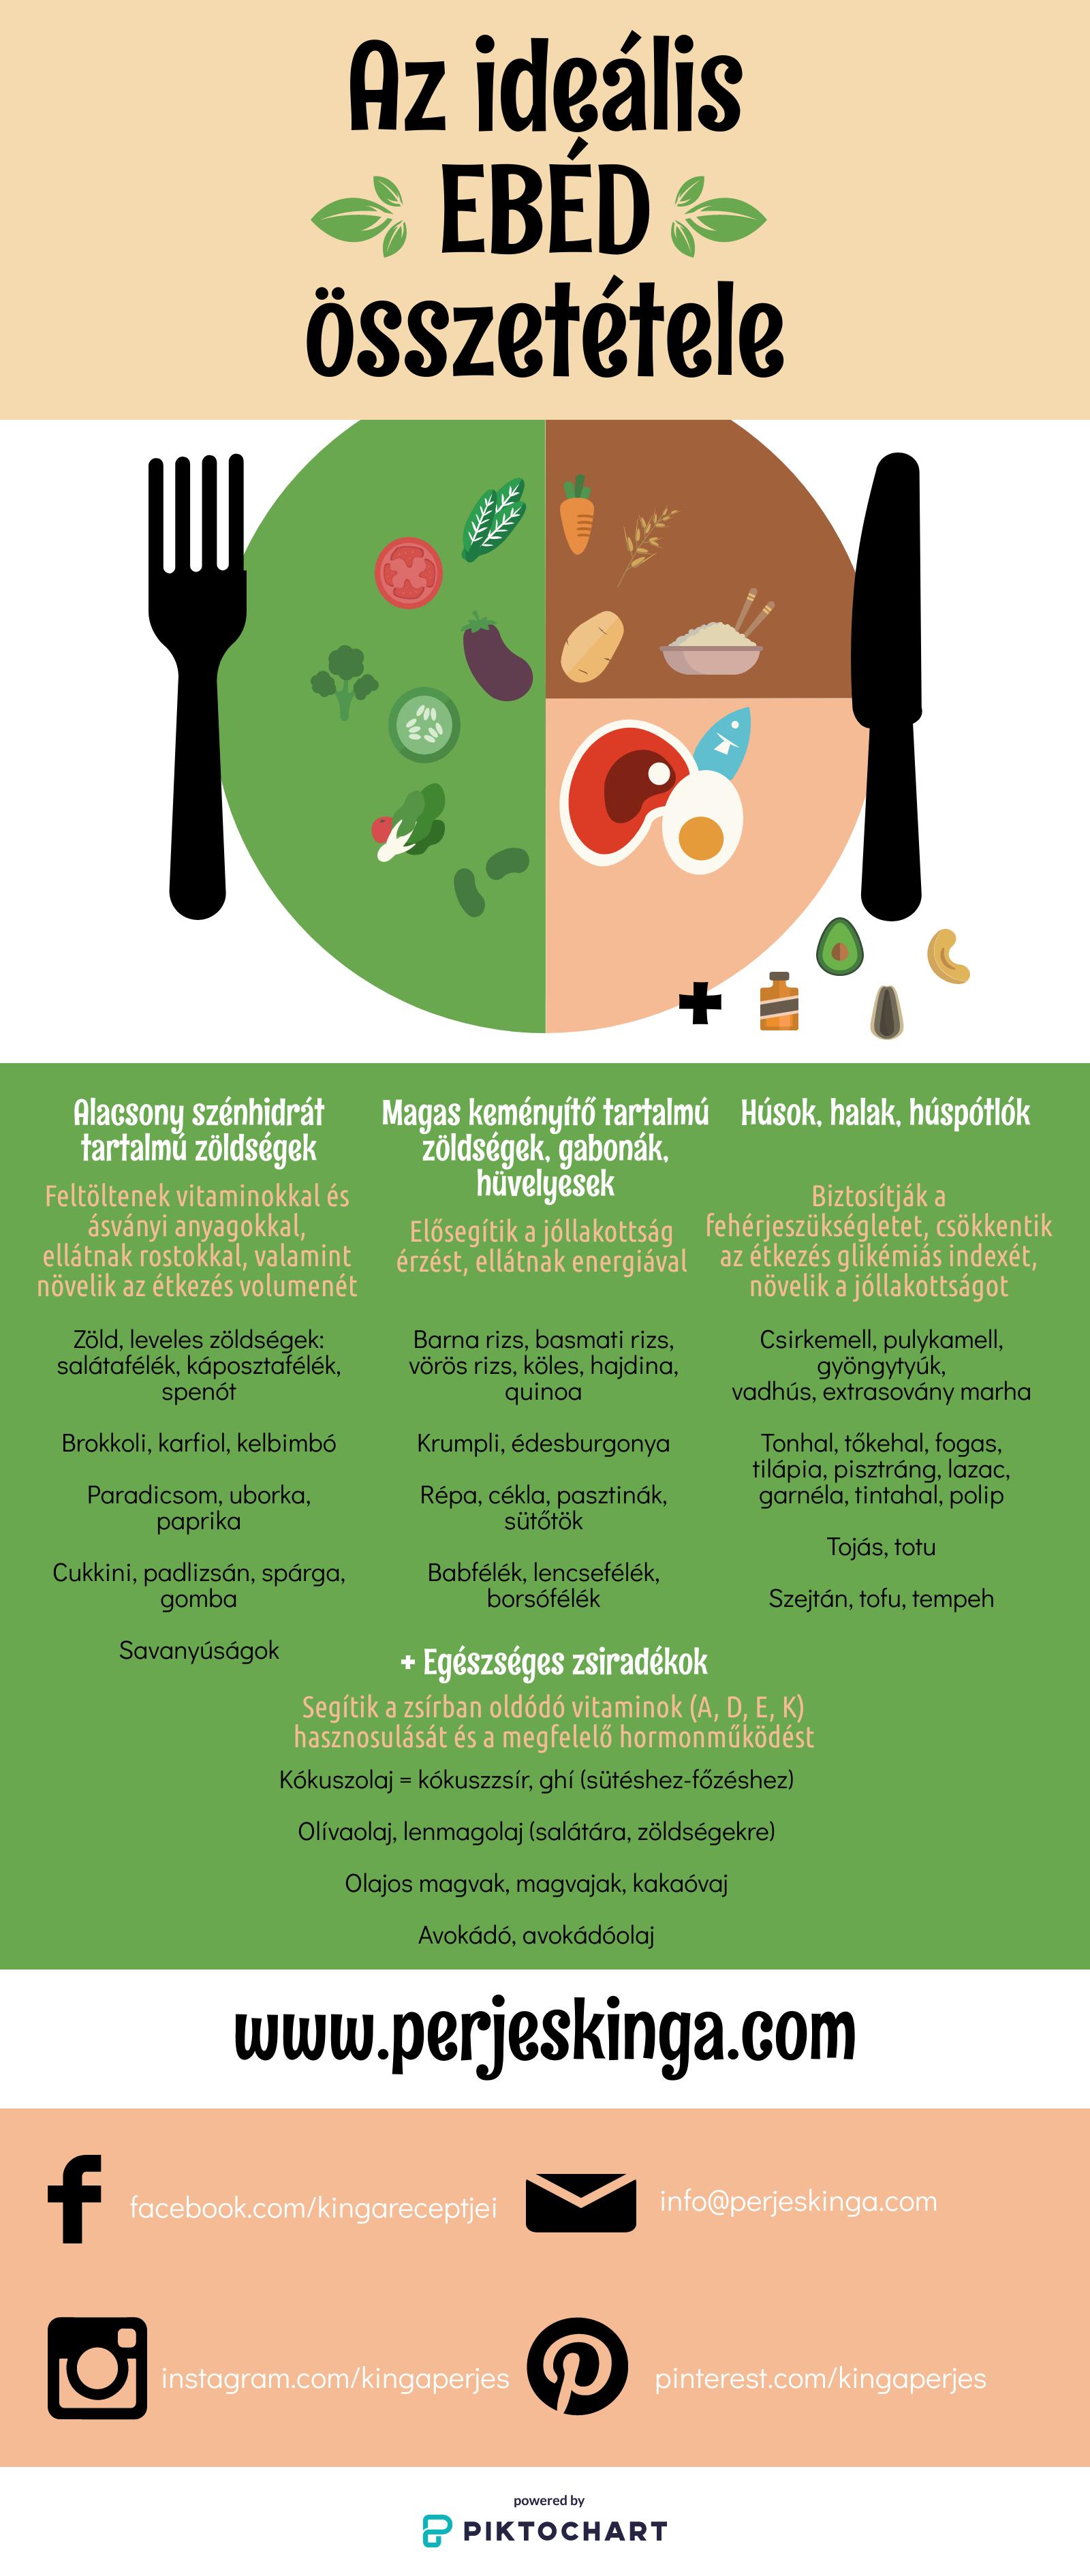 Könnyen emészthető ételek, melyek segítik a fogyást és a méregtelenítést - SelfnessYOGA